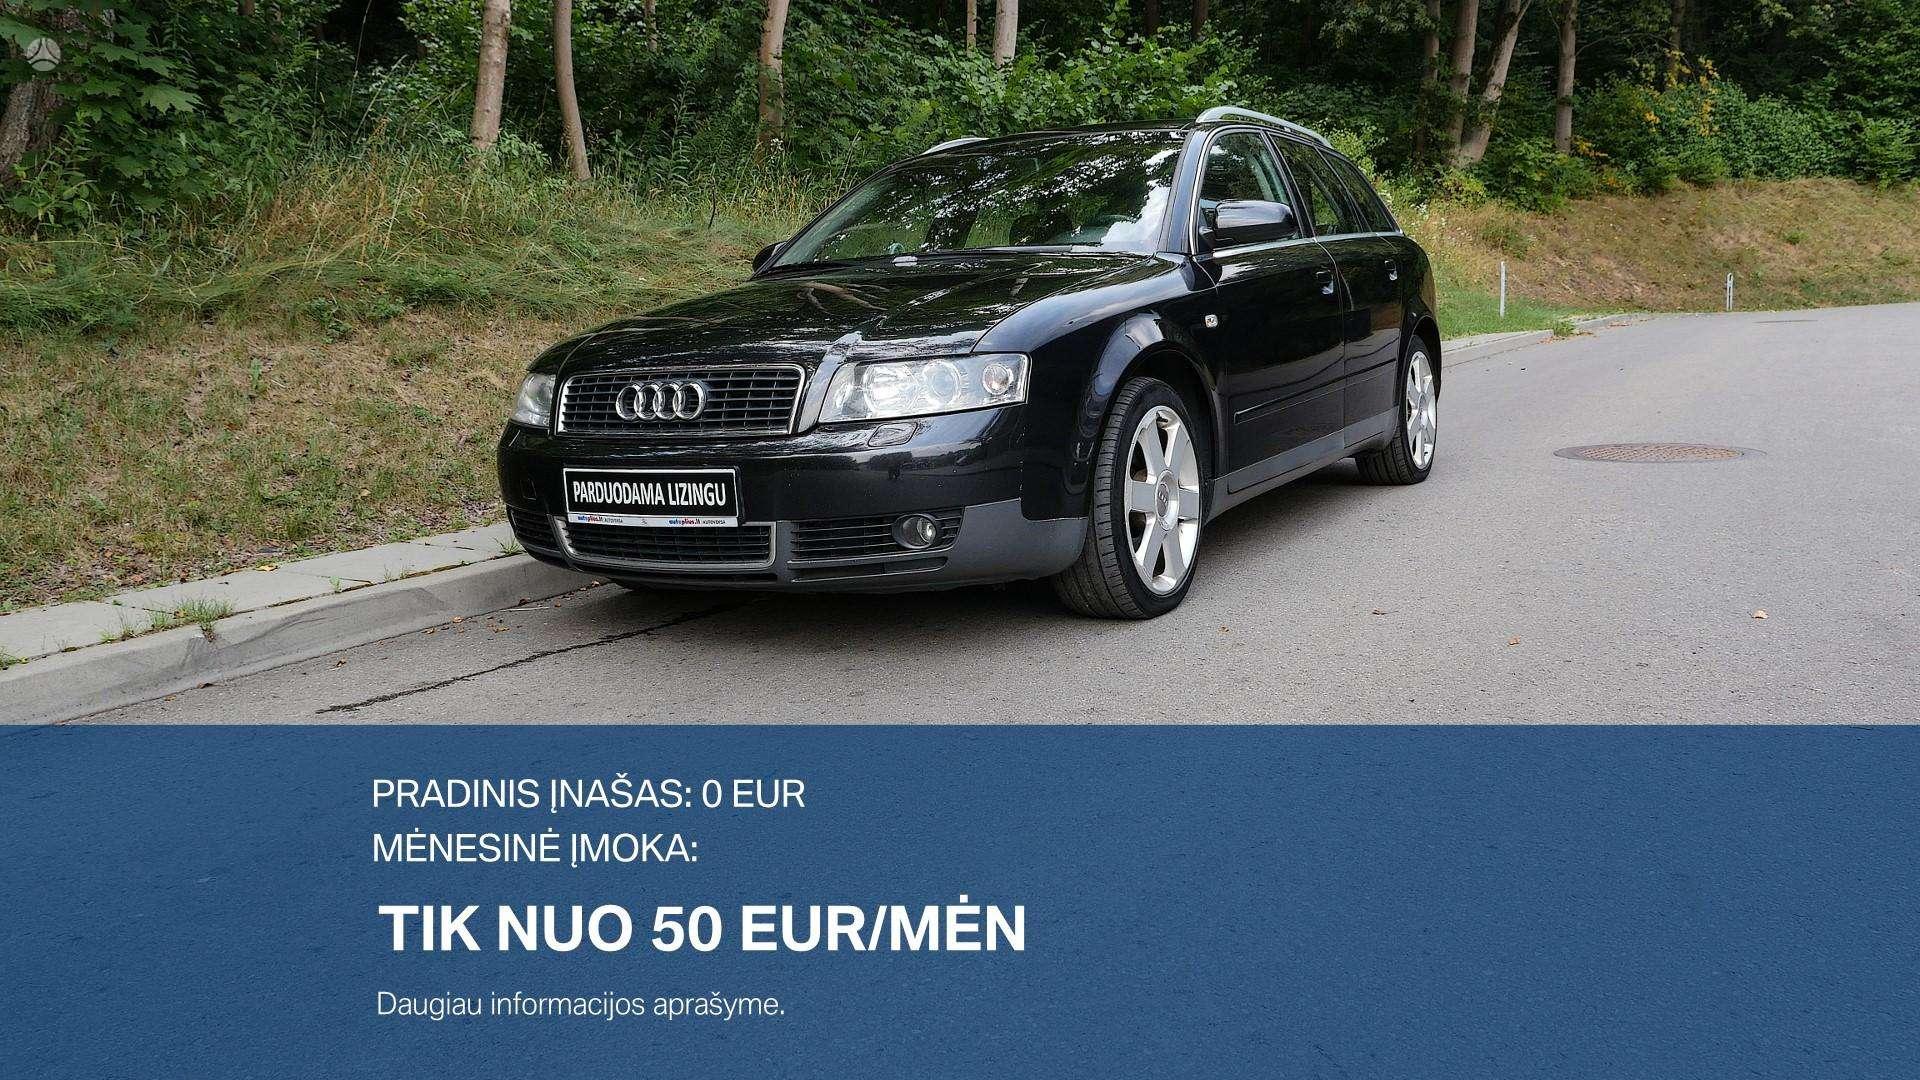 Audi A4  išsimokėtinai nuo 50Eur/Mėn su 3 mėnesių garantija